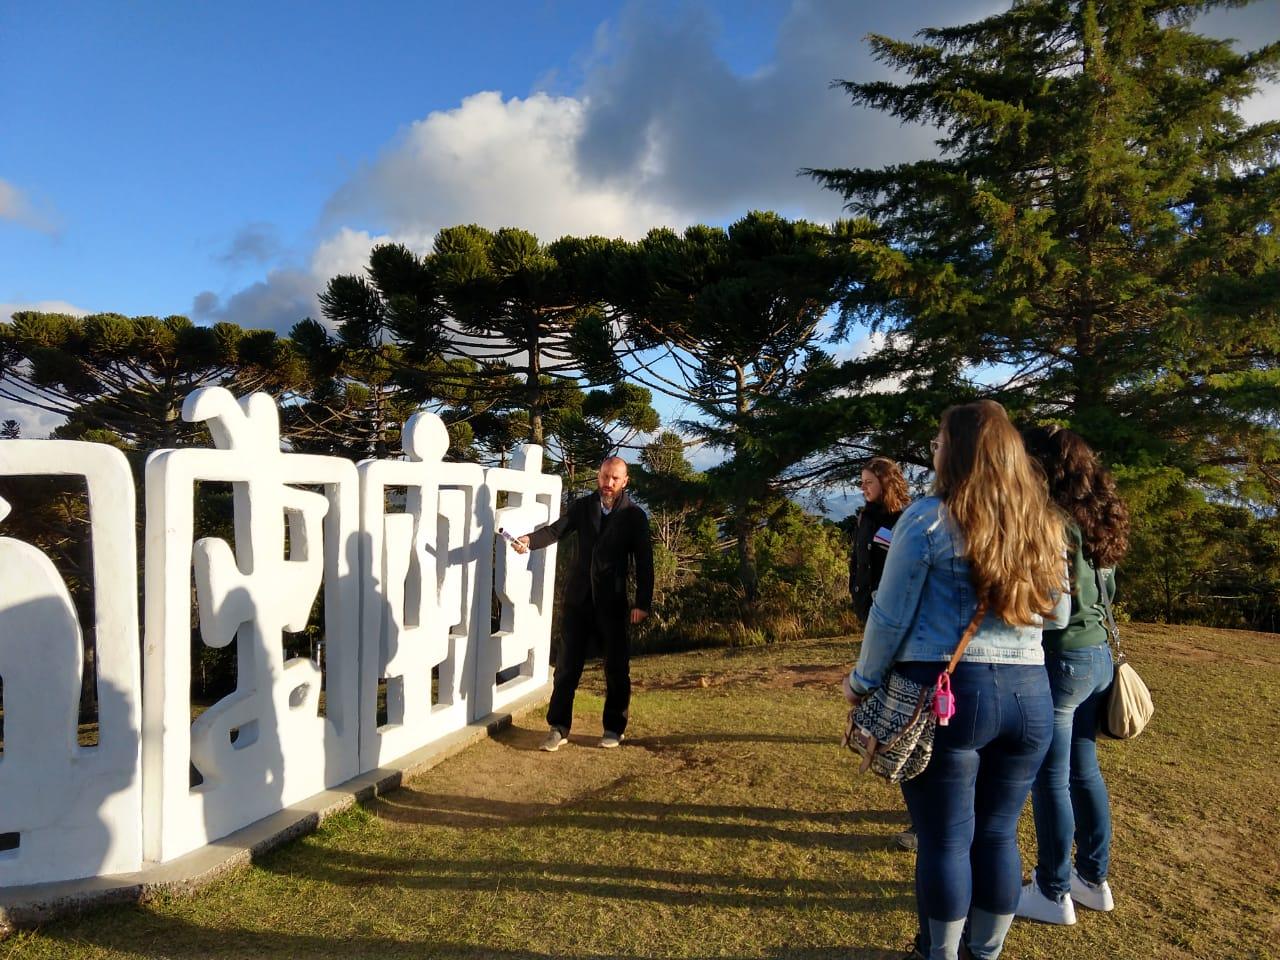 Um educador explica as características da escultura Horizonte a um grupo pequeno de pessoas.